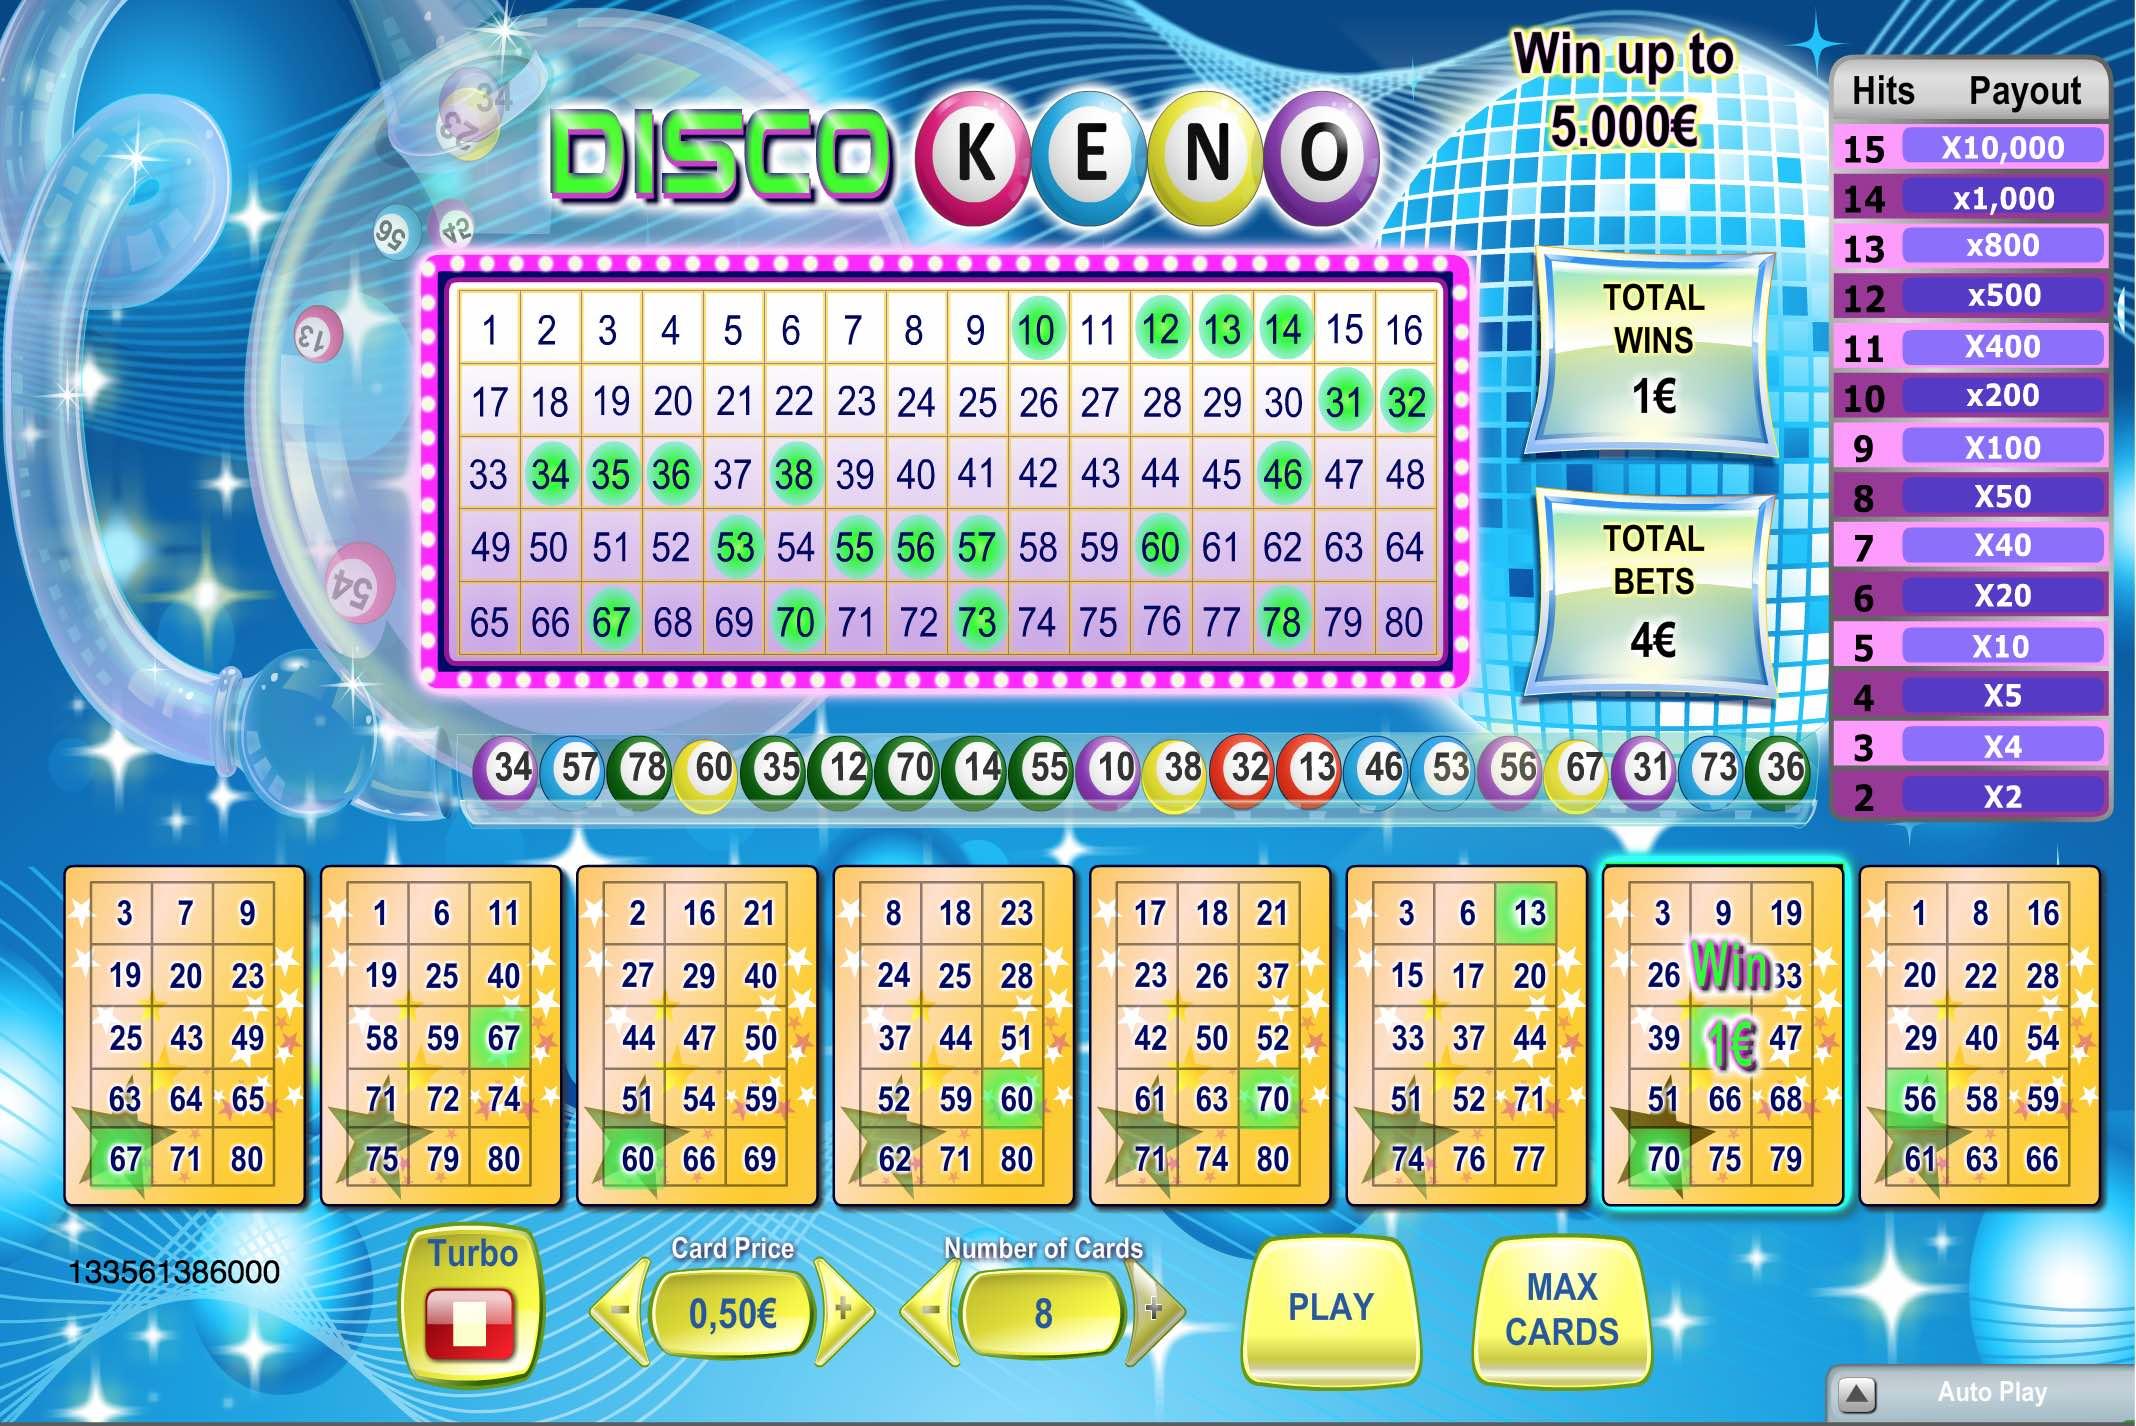 keno pelaaminen miten kenossa voittaa suomen parhaat kasinot nettikasino Disco Keno